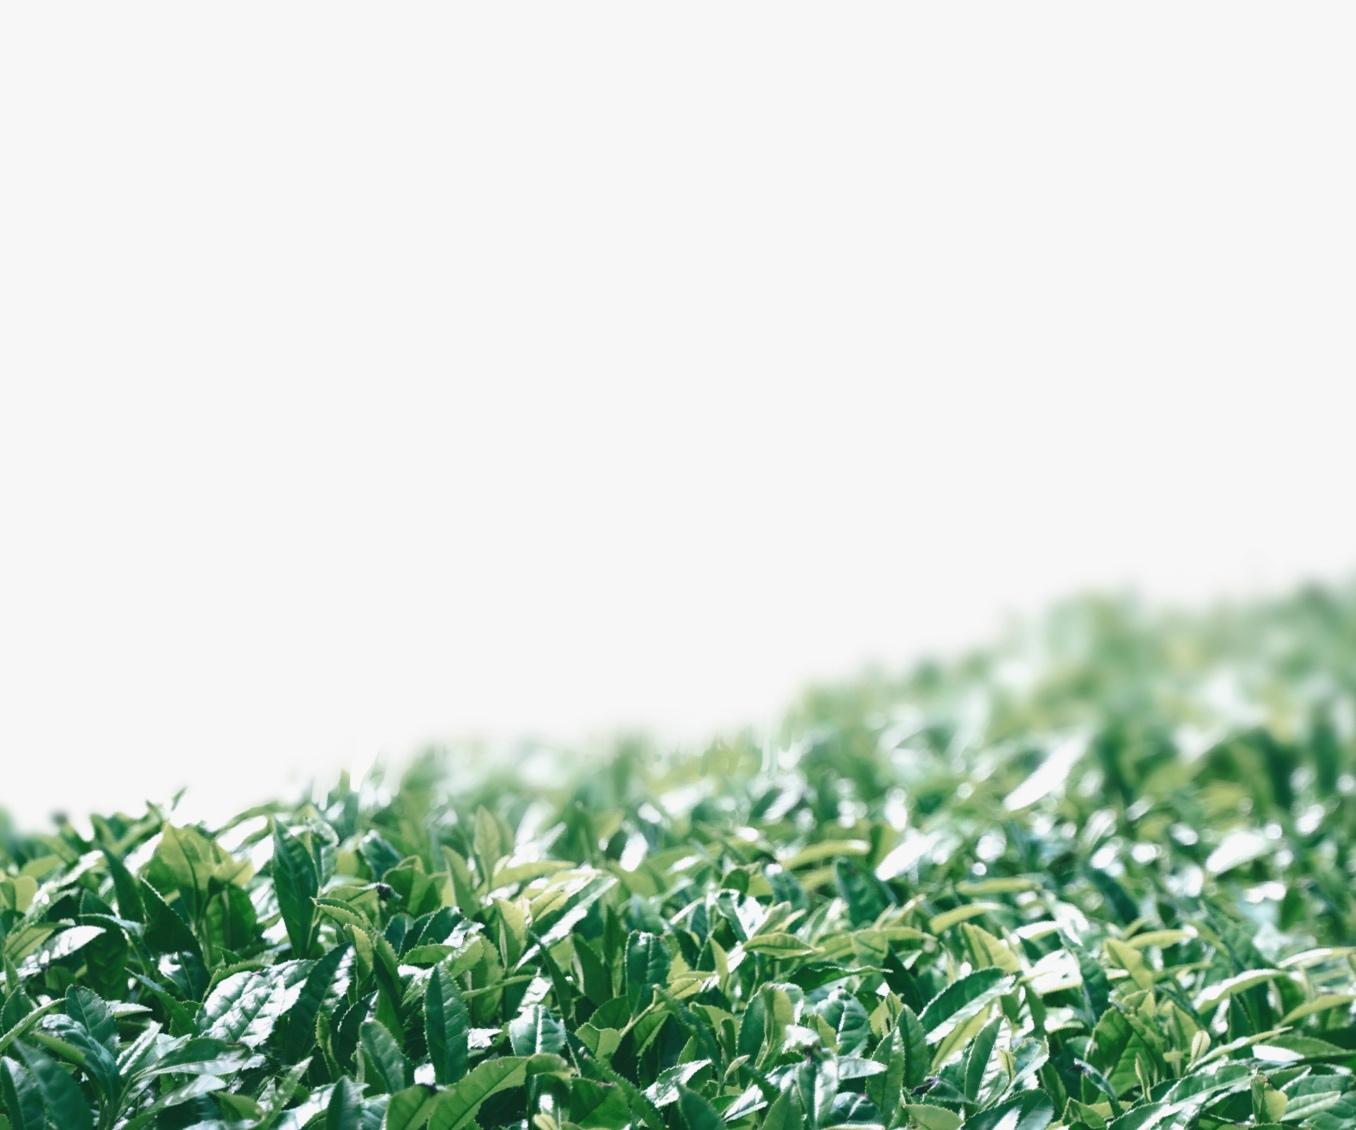 Matcha leaves